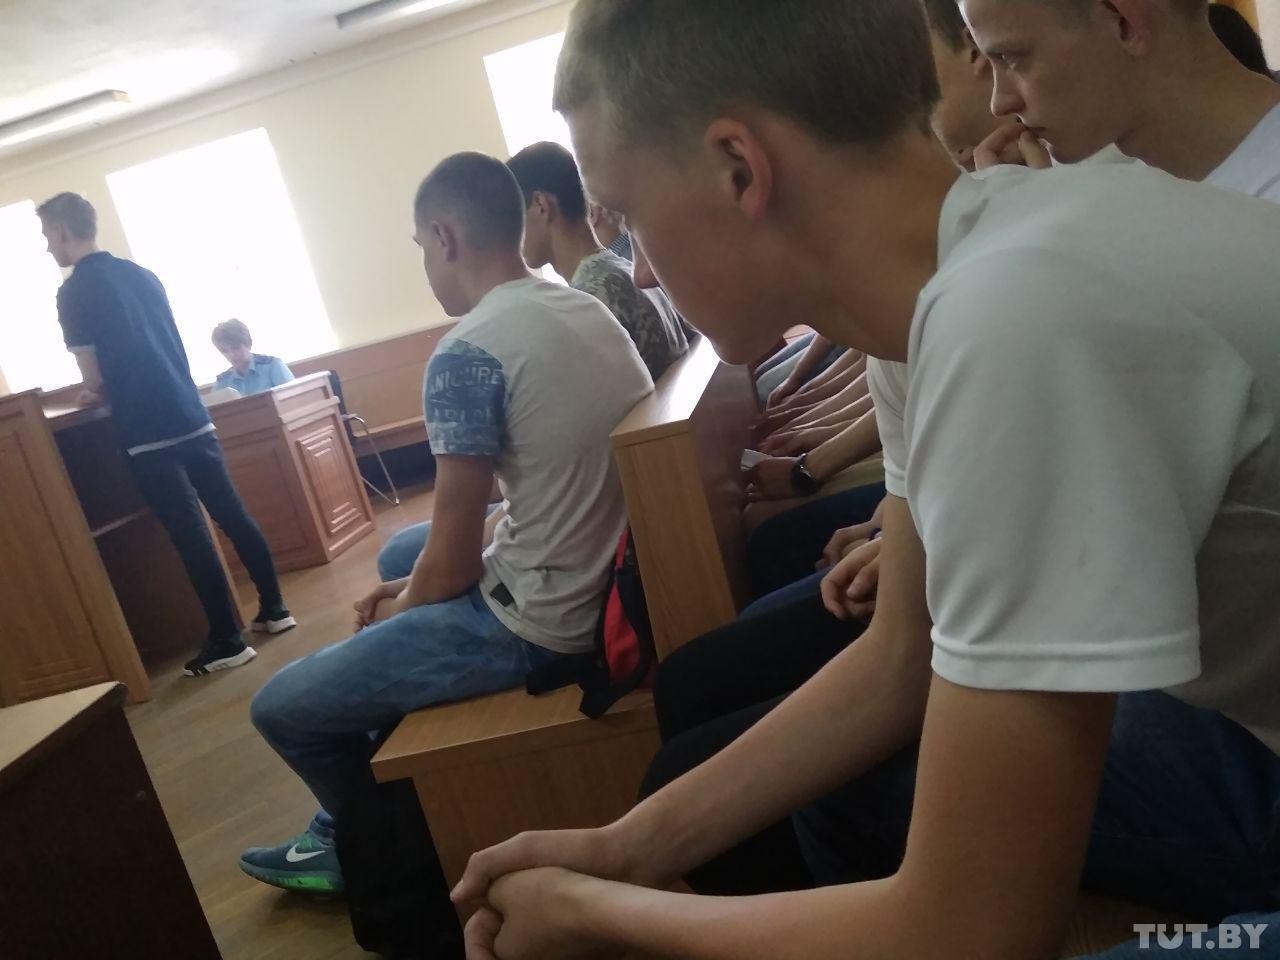 В Гродно бывших воспитанников училища олимпийского резерва осудили за побои младшекурсников